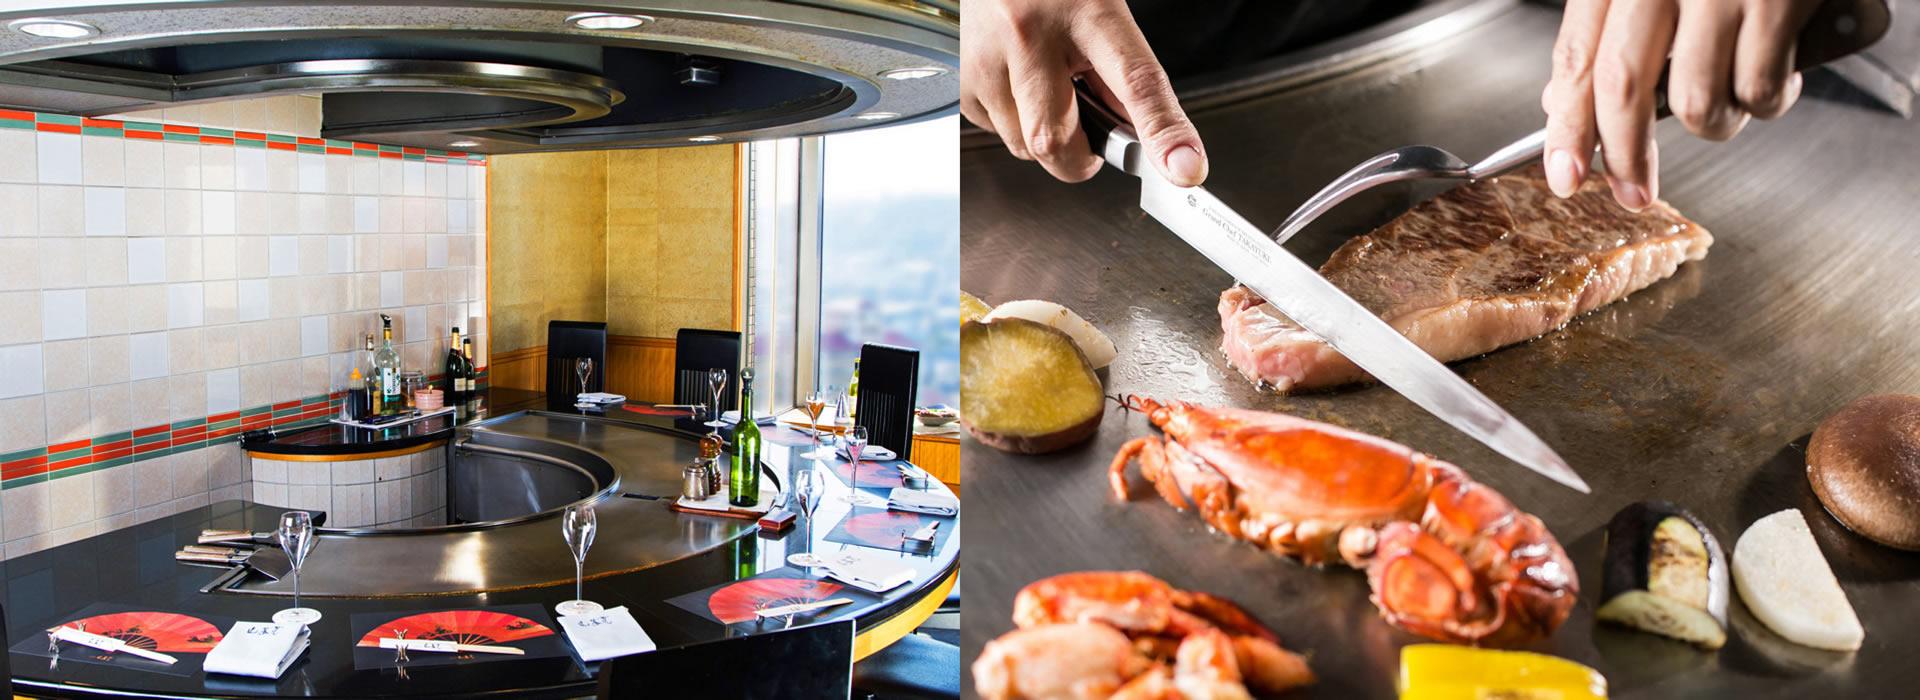 鉄板焼 山茶花|レンブラントホテル大分【公式】レンブラントグループホテル